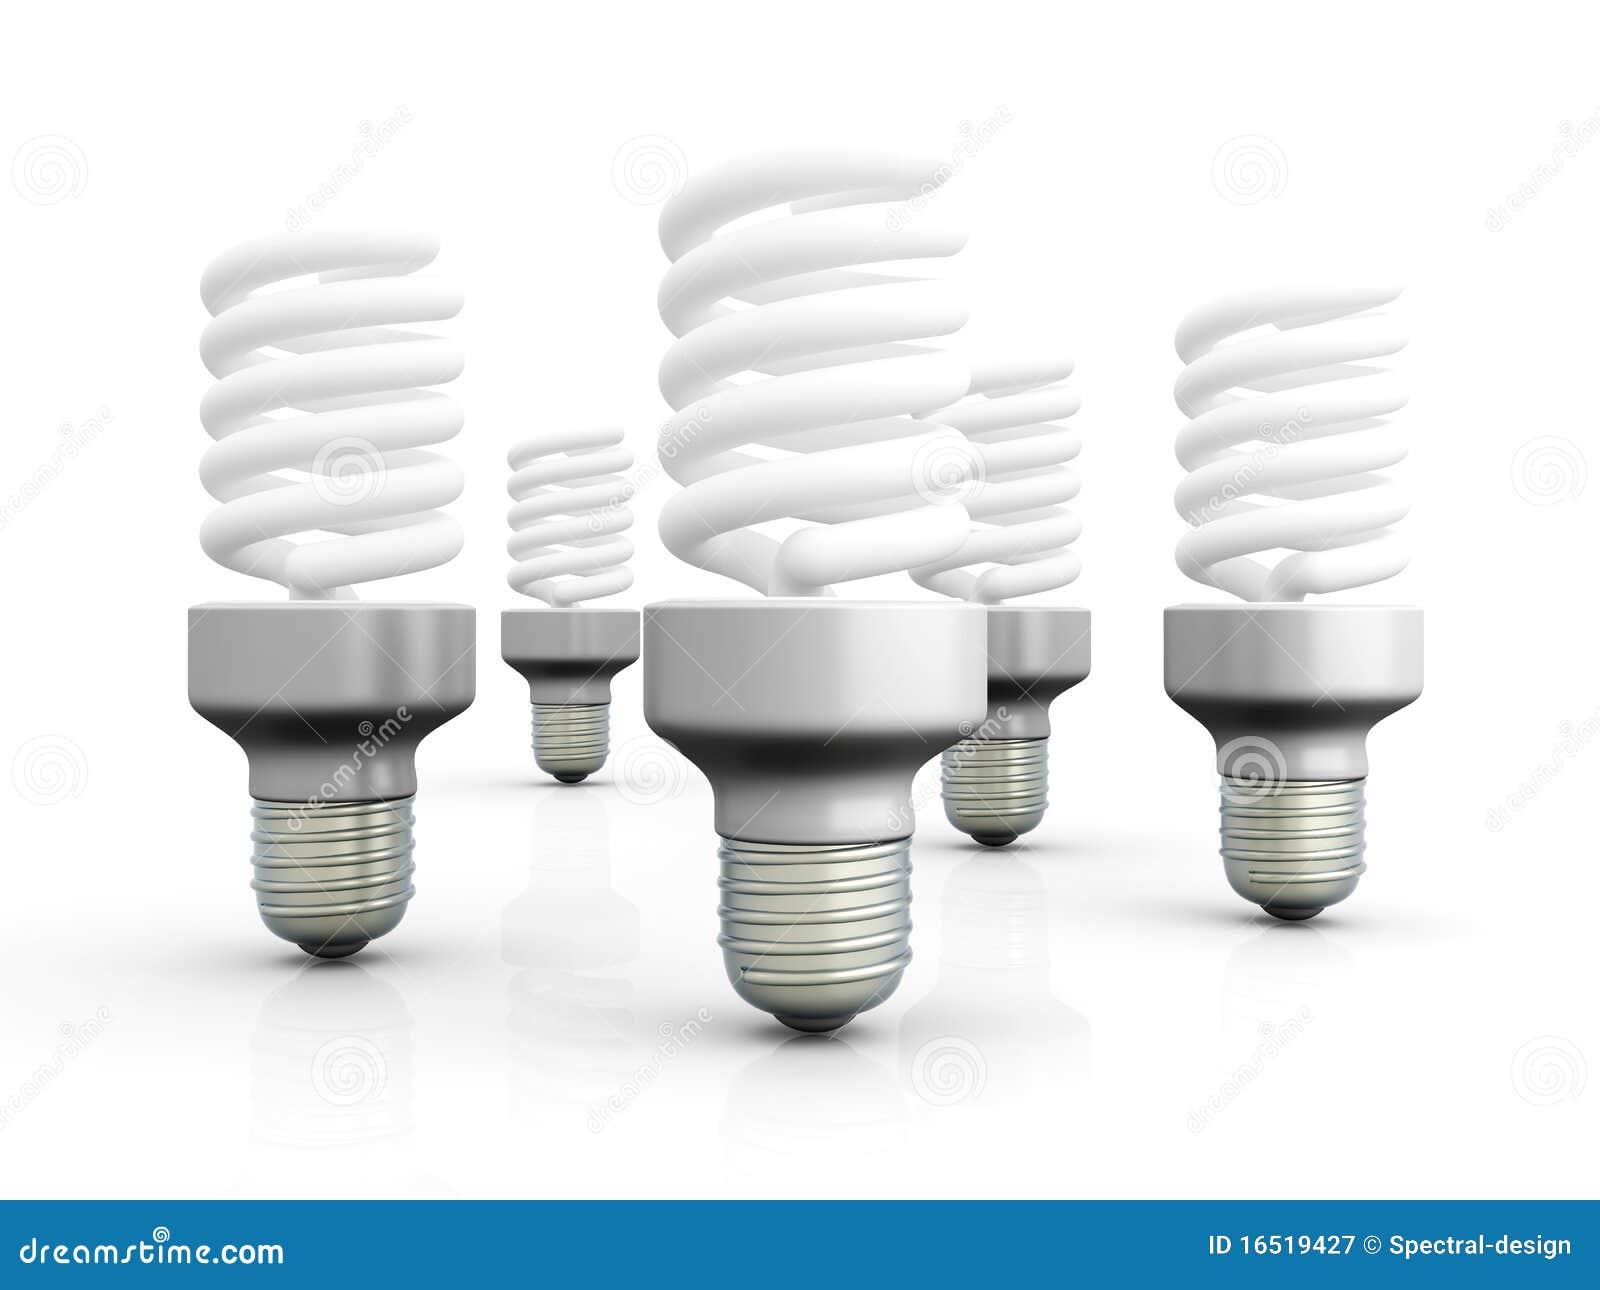 Energy Saver Light Bulbs Royalty Free Stock Photography Image 16519427